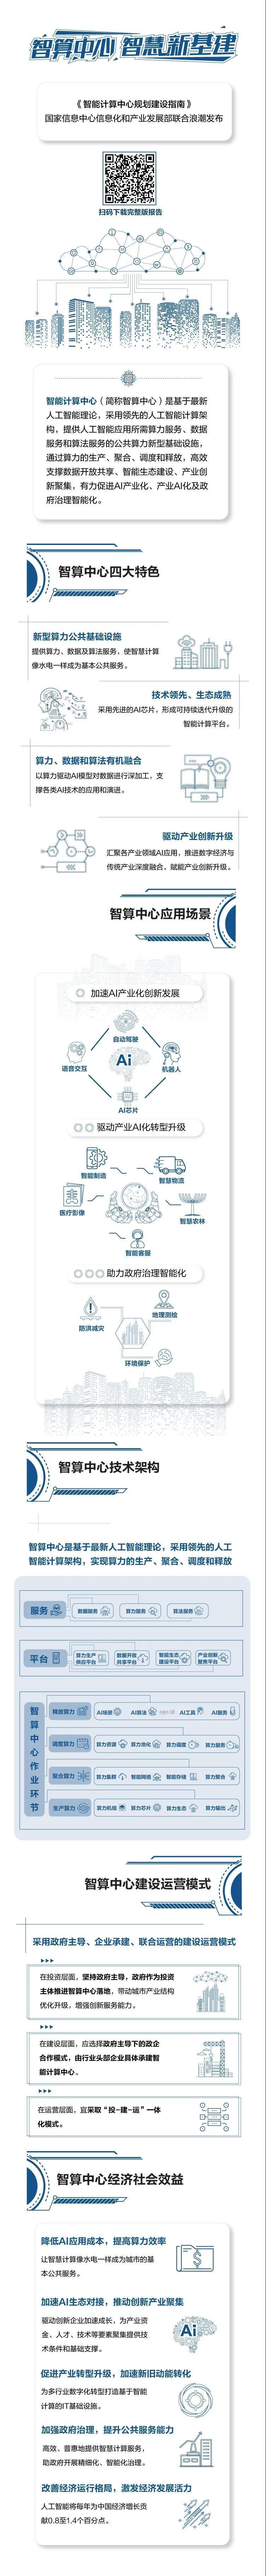 《智能计算中心规划建设指南》全文发布